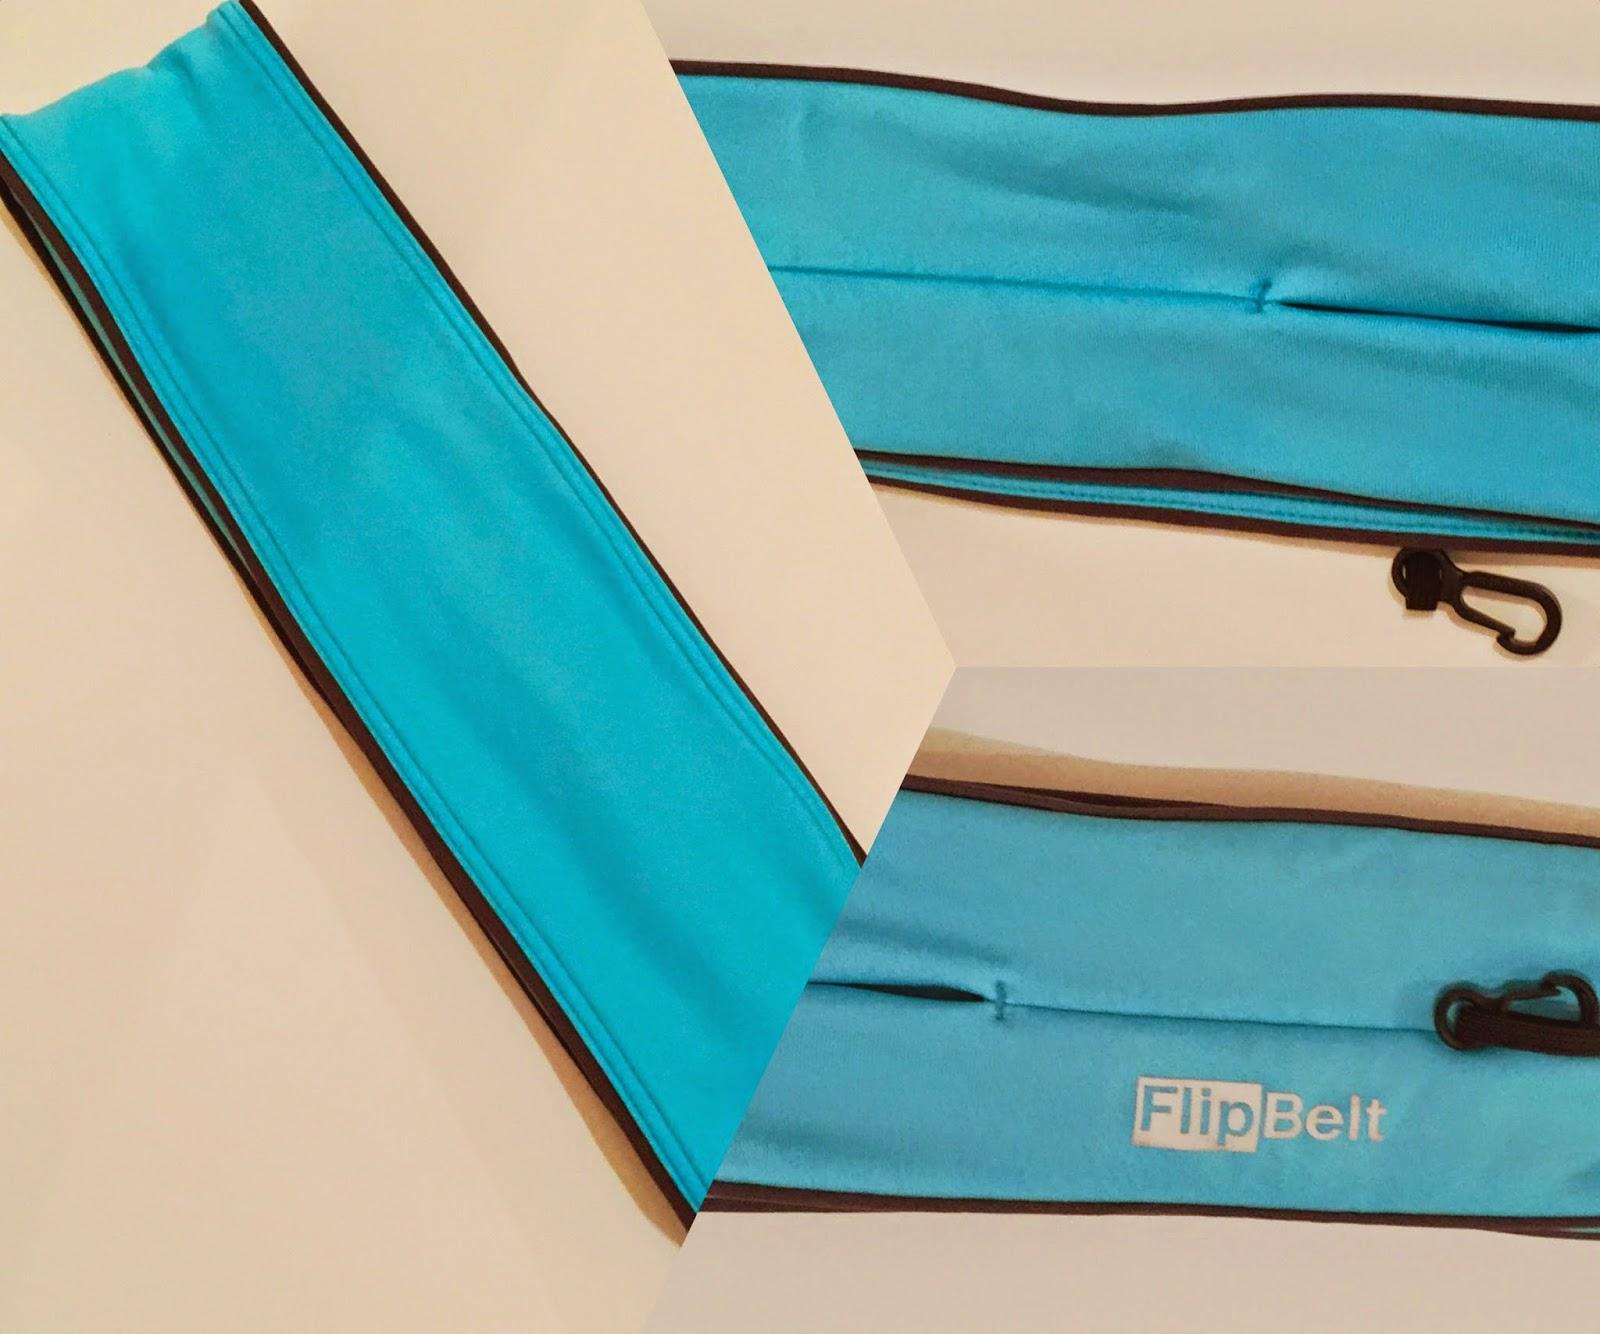 Flip Belt, FlipBelt